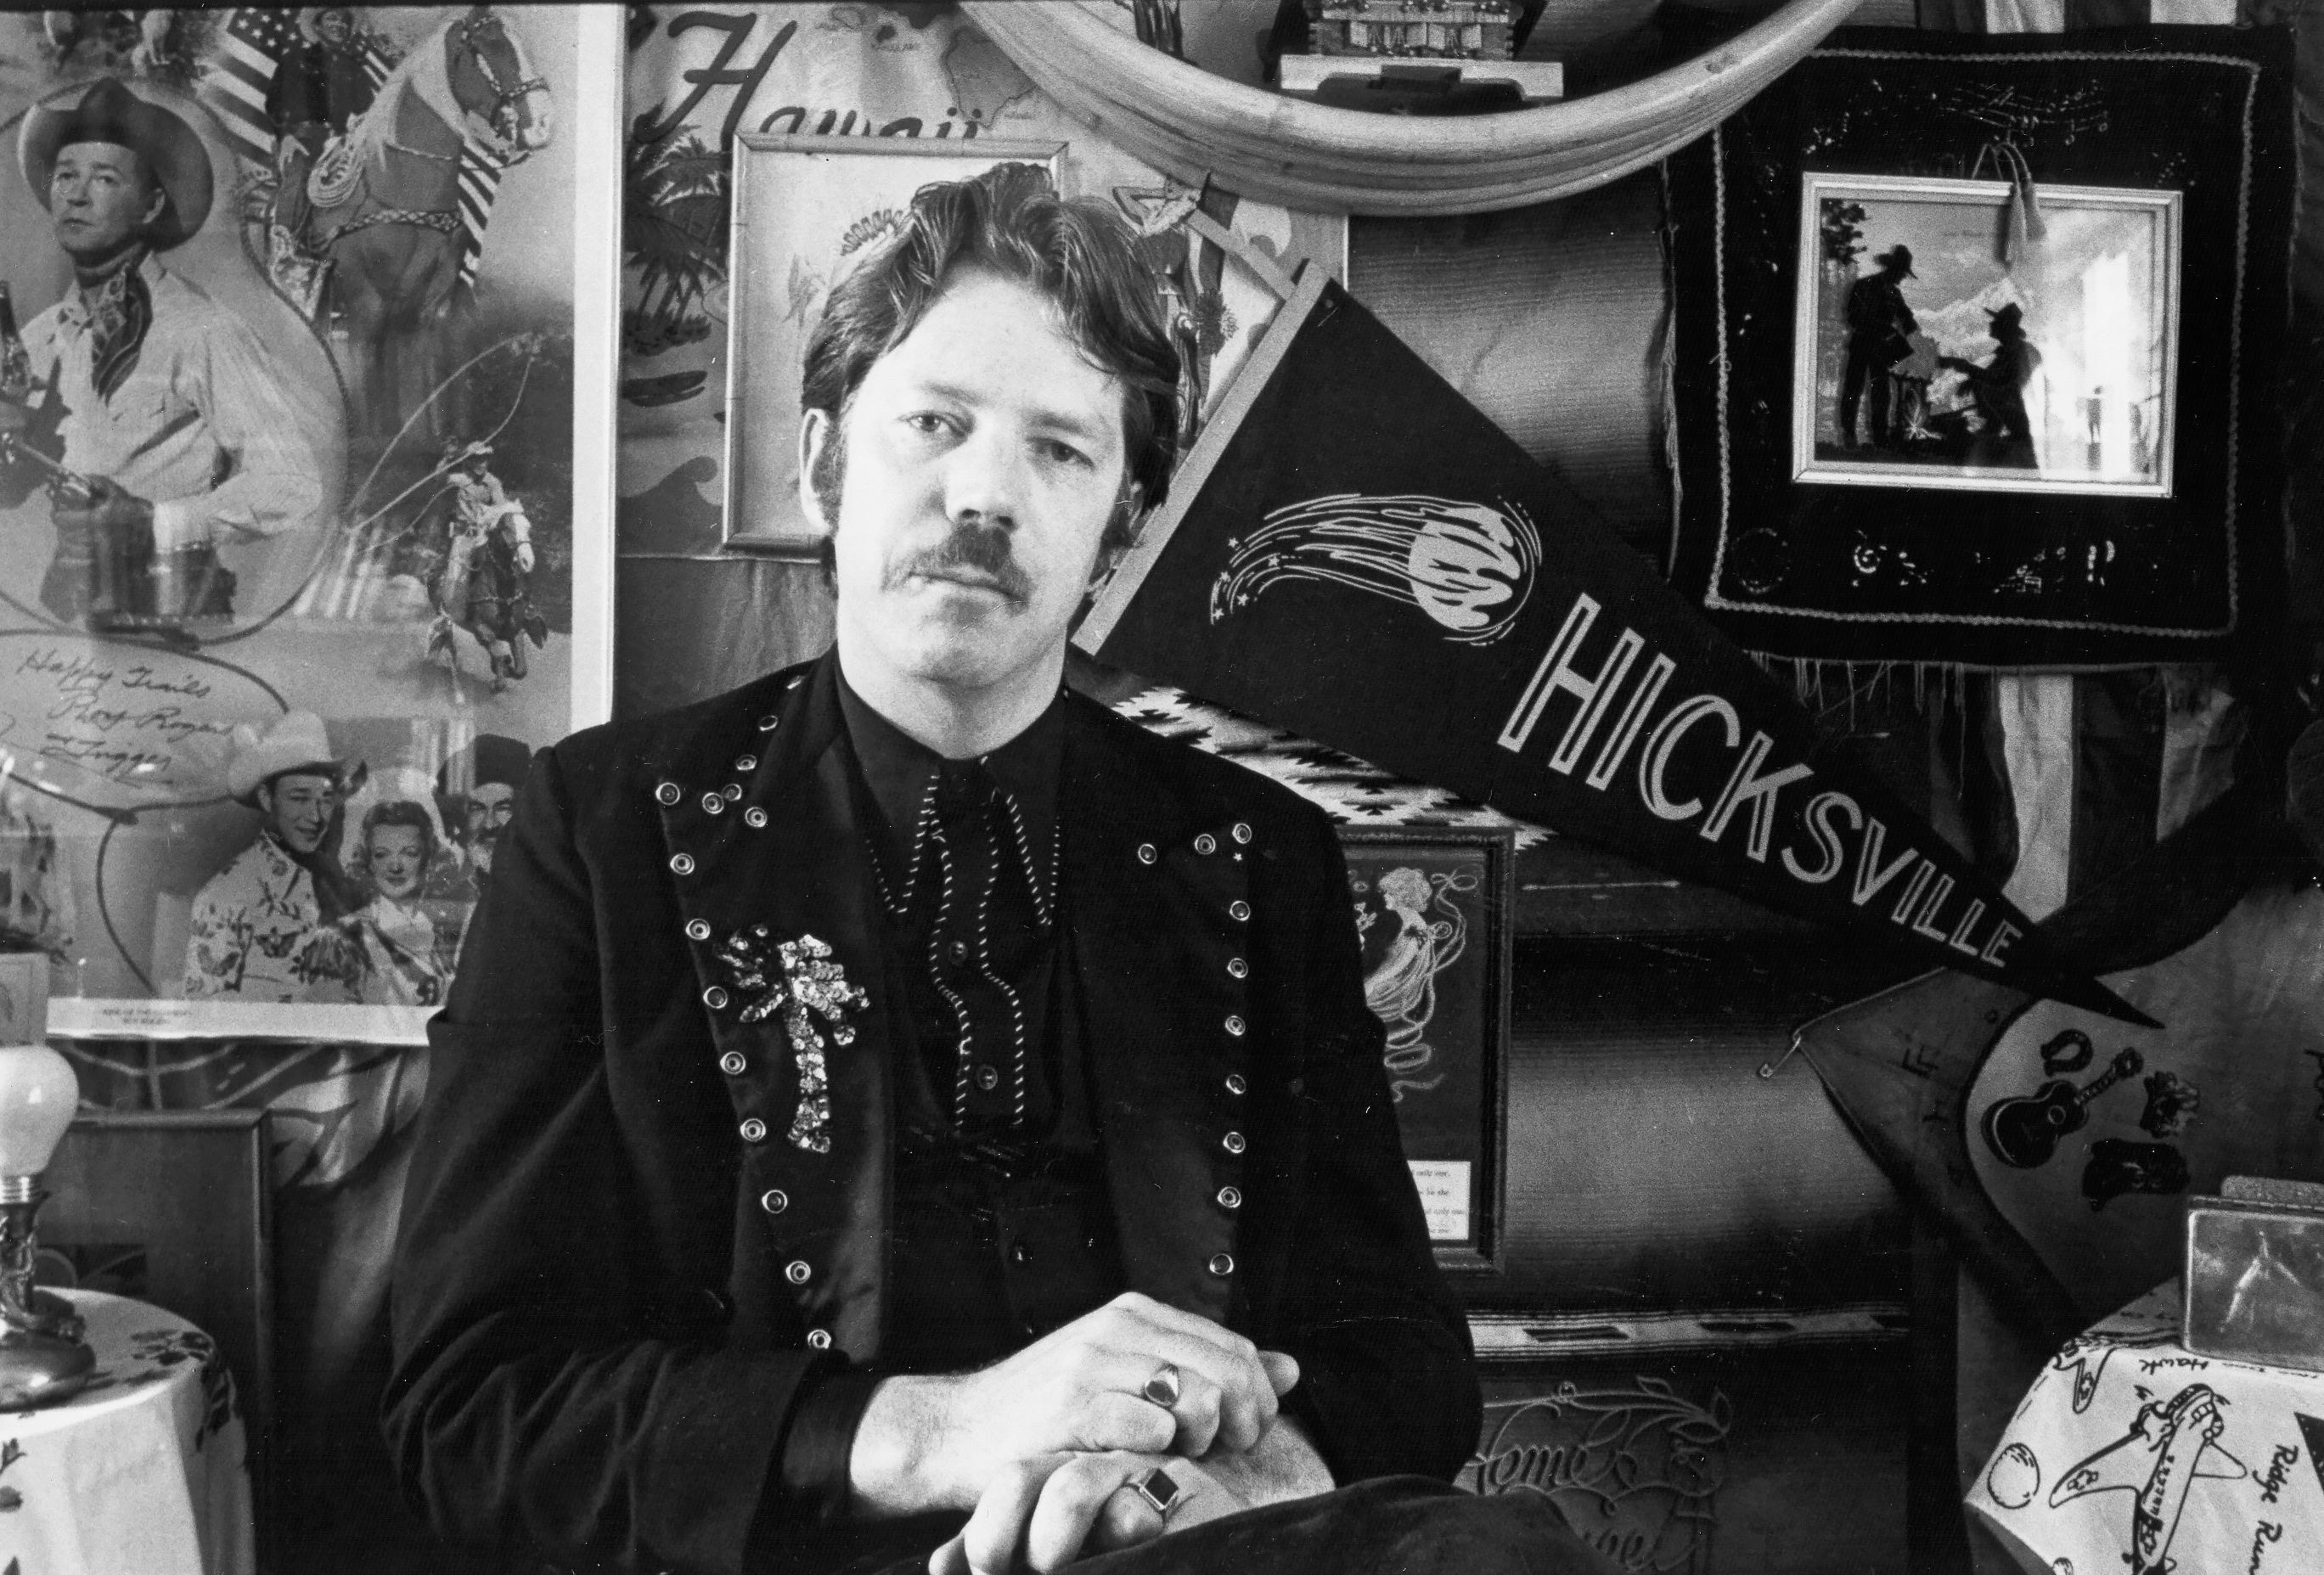 Dan Hicks, Hot Licks Singer, Dead at 74